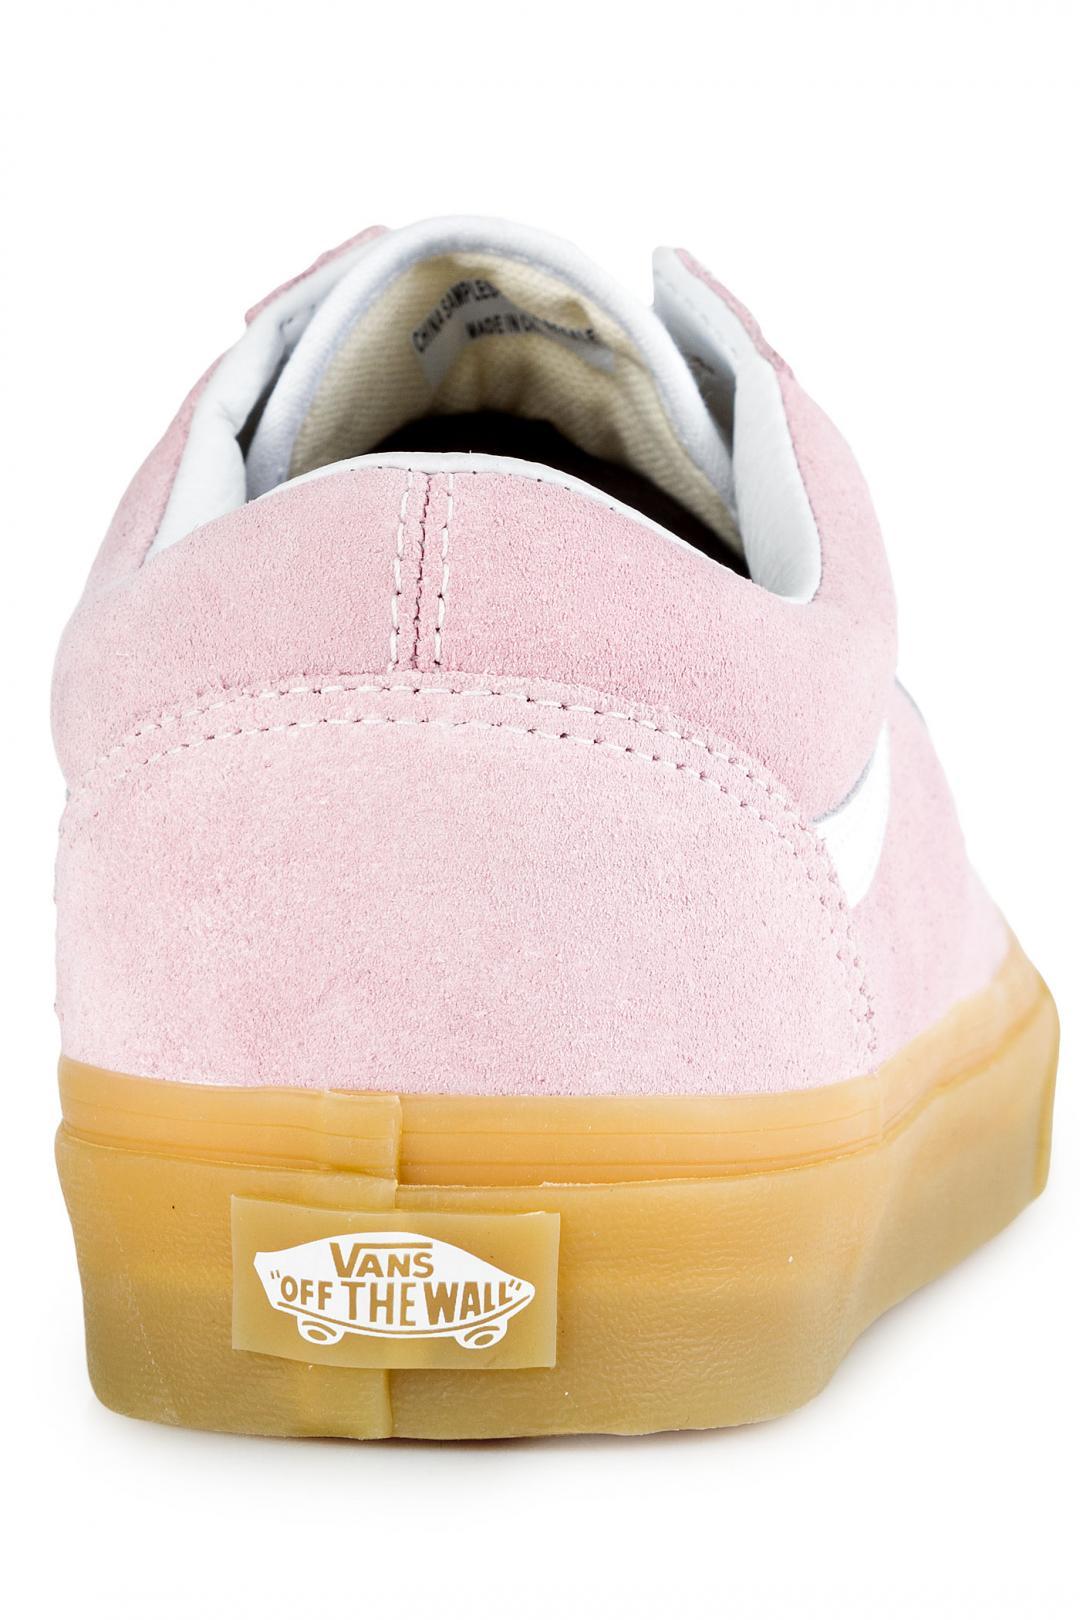 Uomo Vans Old Skool chalk pink | Sneakers low top